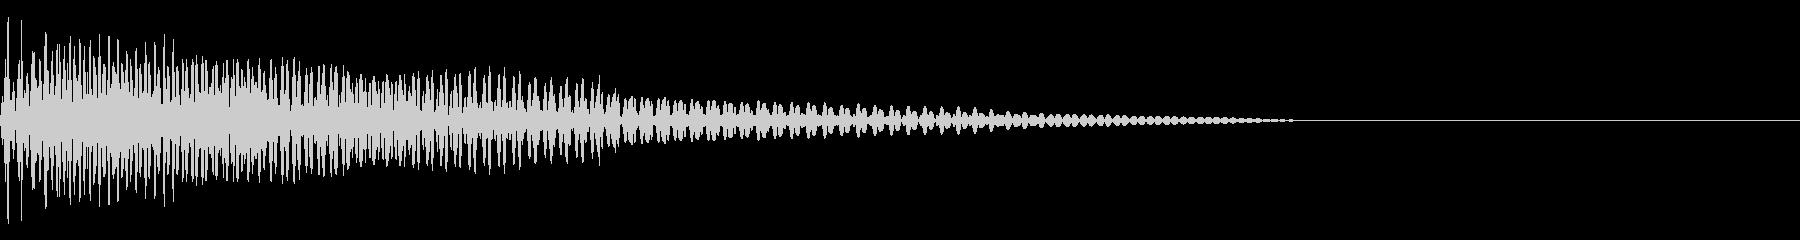 ベース/ドゥーン/ネックスライド/A04の未再生の波形